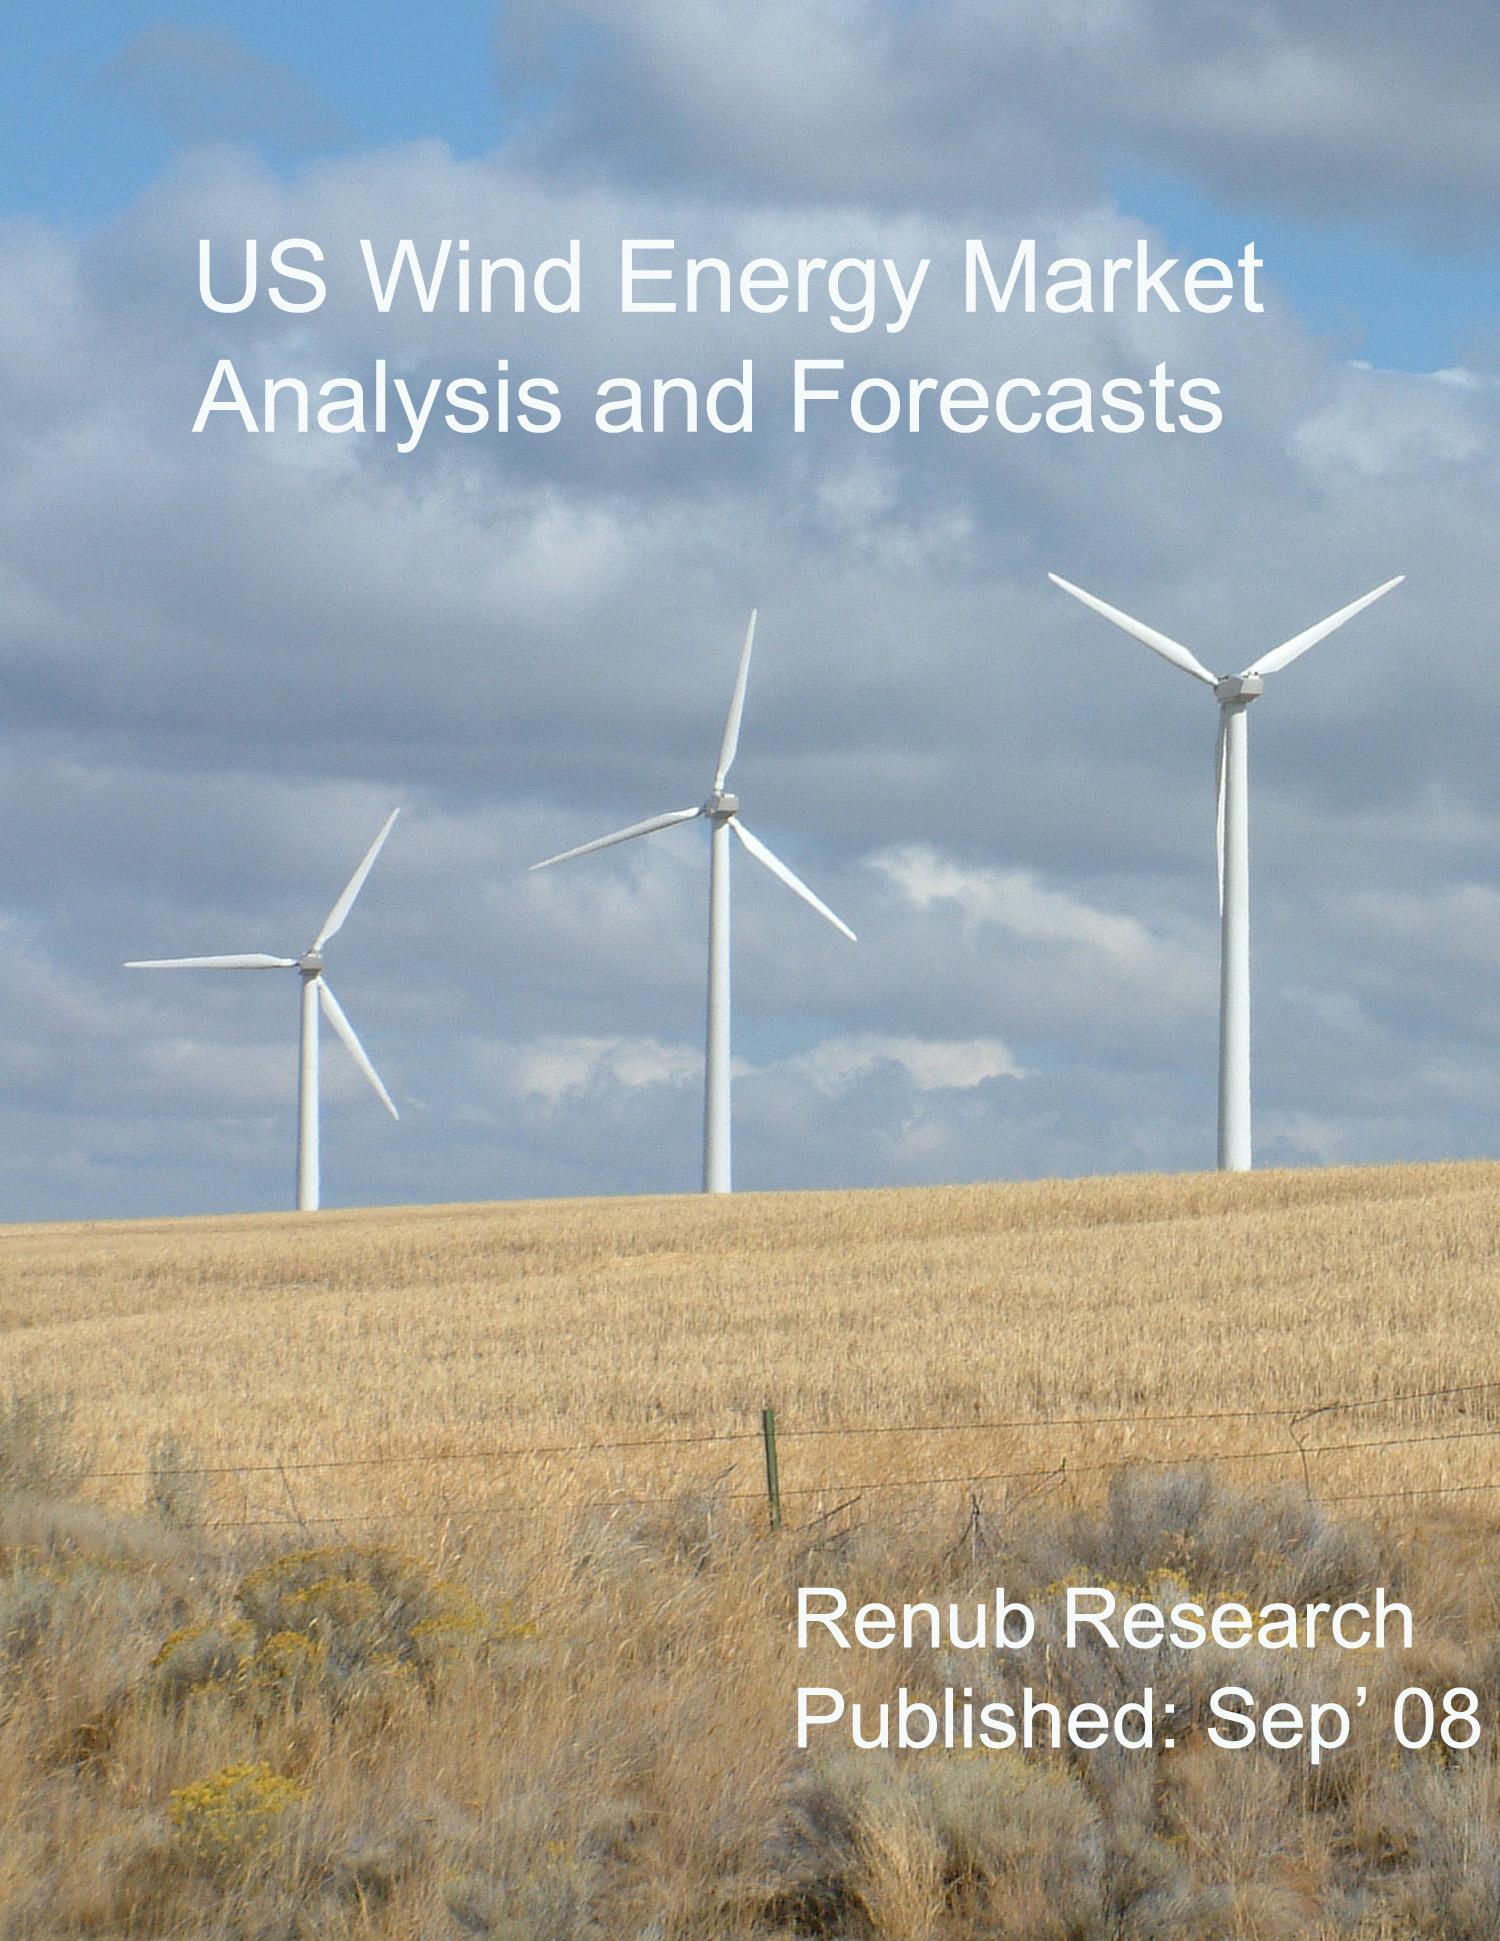 US Wind Energy Market Analysis and Forecasts